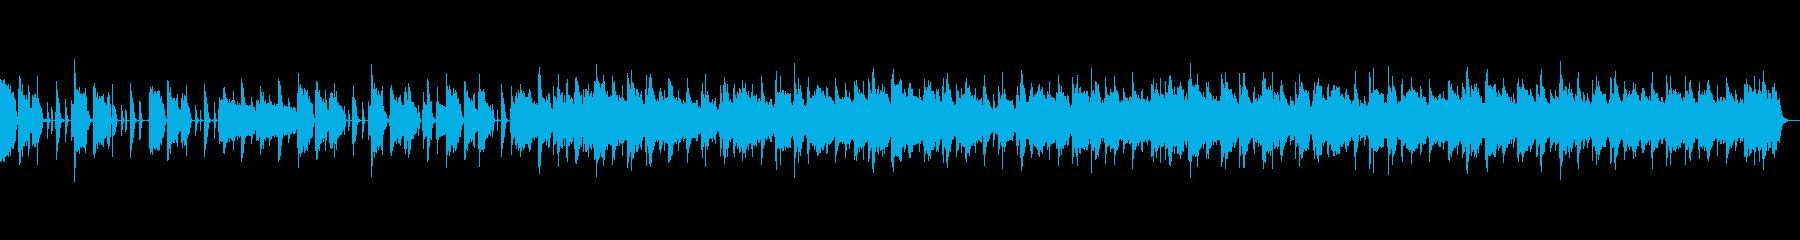 夜景/大人/都会_No585_3の再生済みの波形